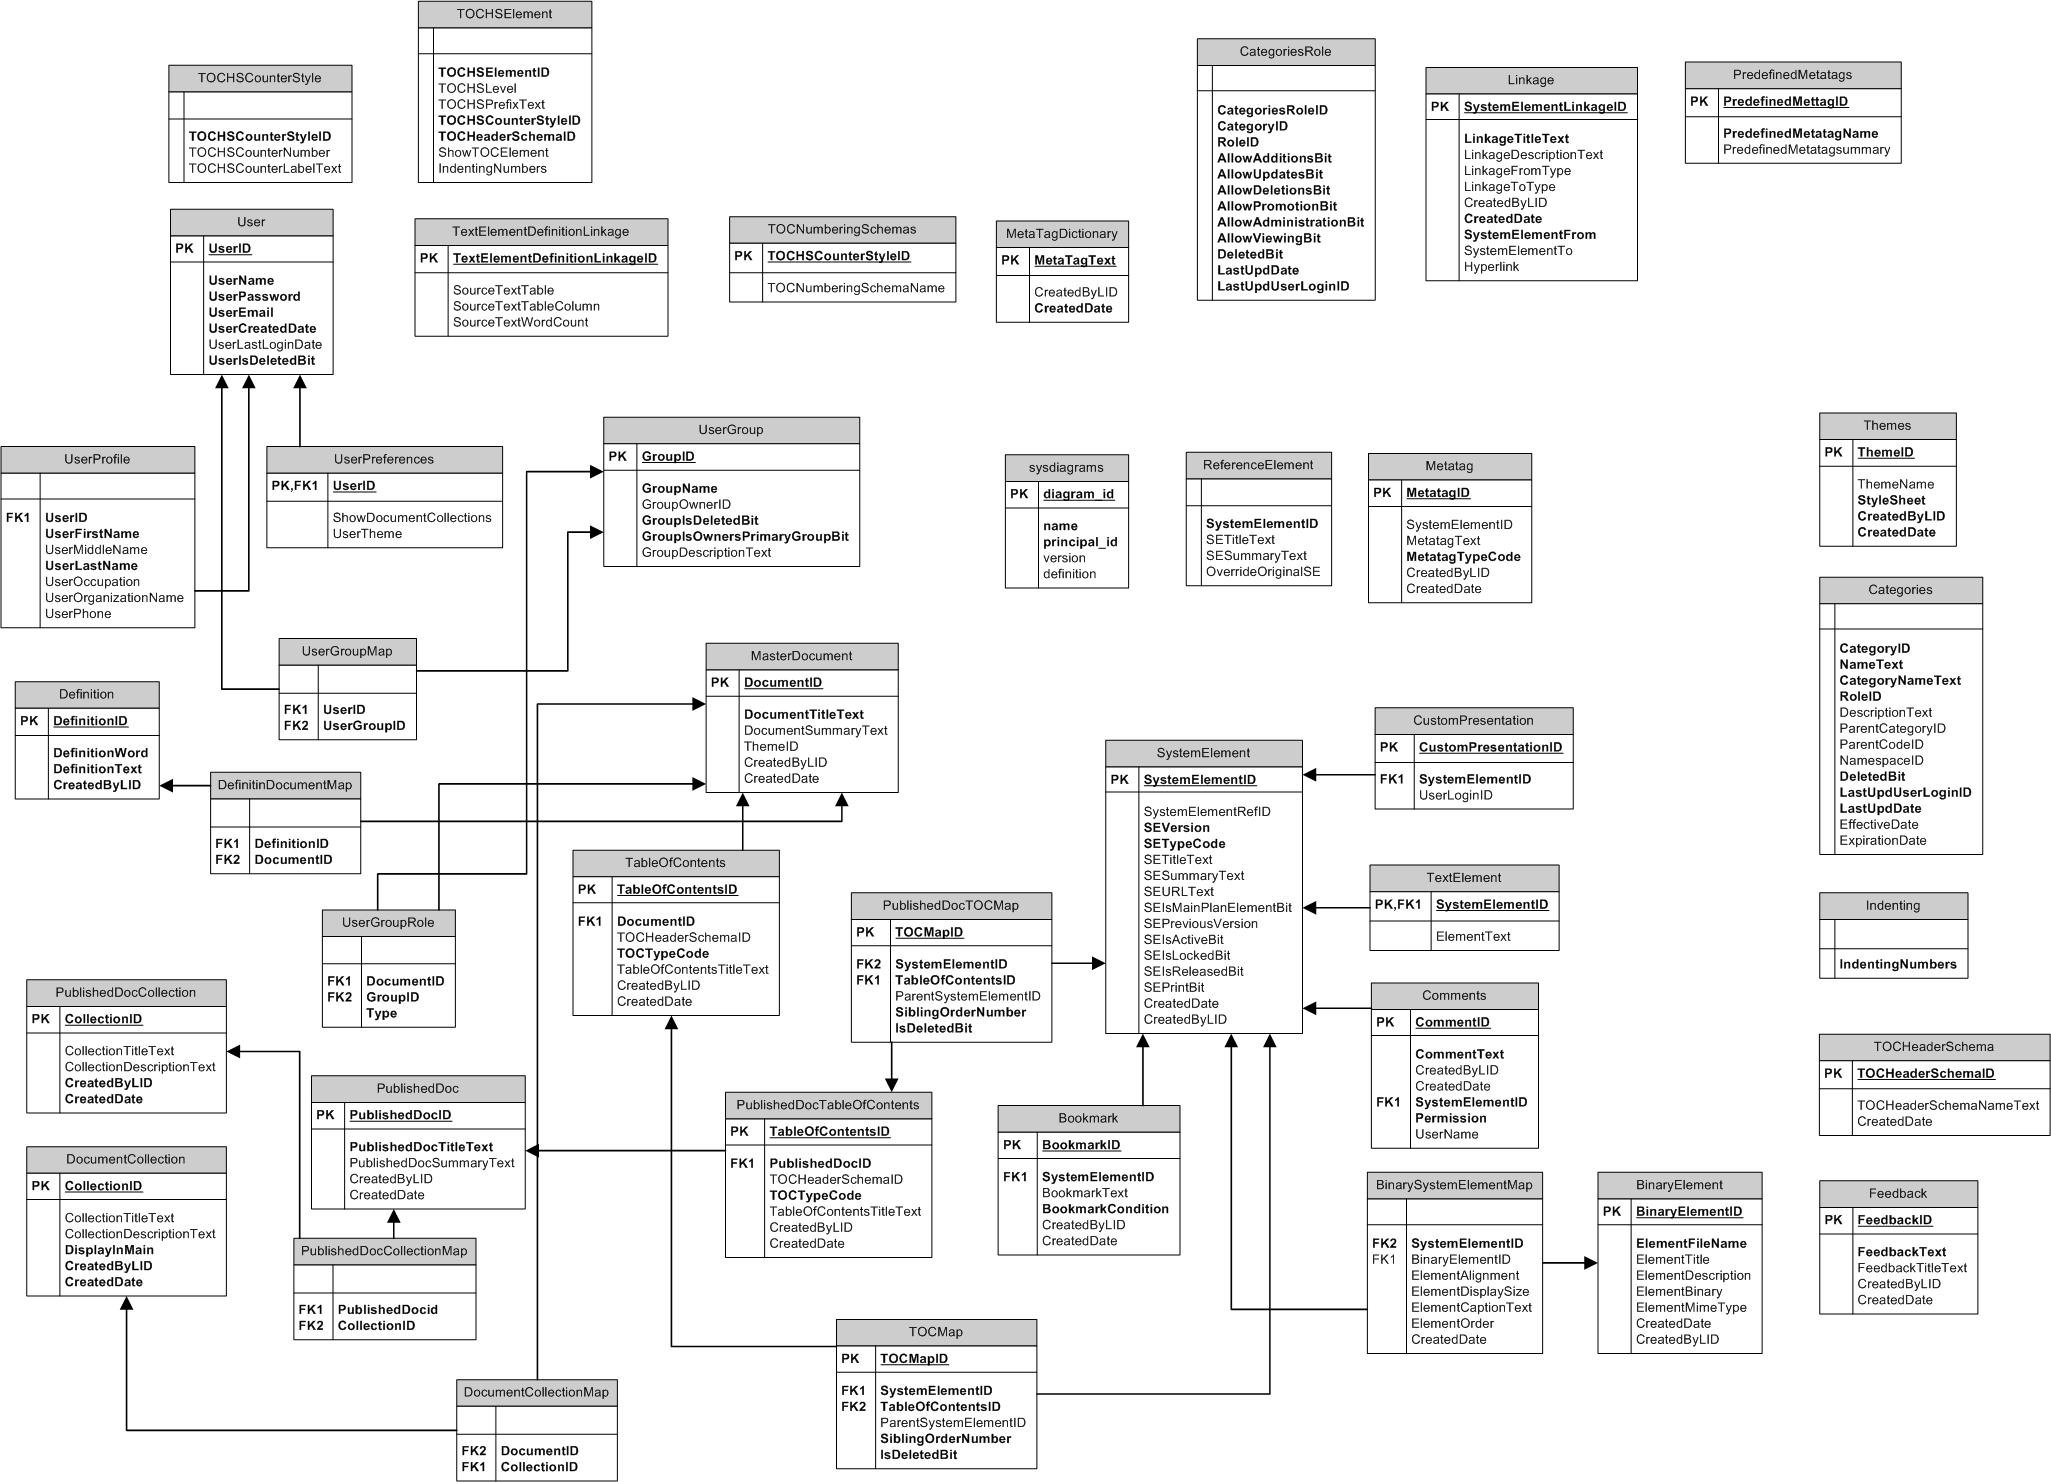 Ucf sage knightverse v1 database schema diagram knightverse v1 database schema diagram pooptronica Gallery